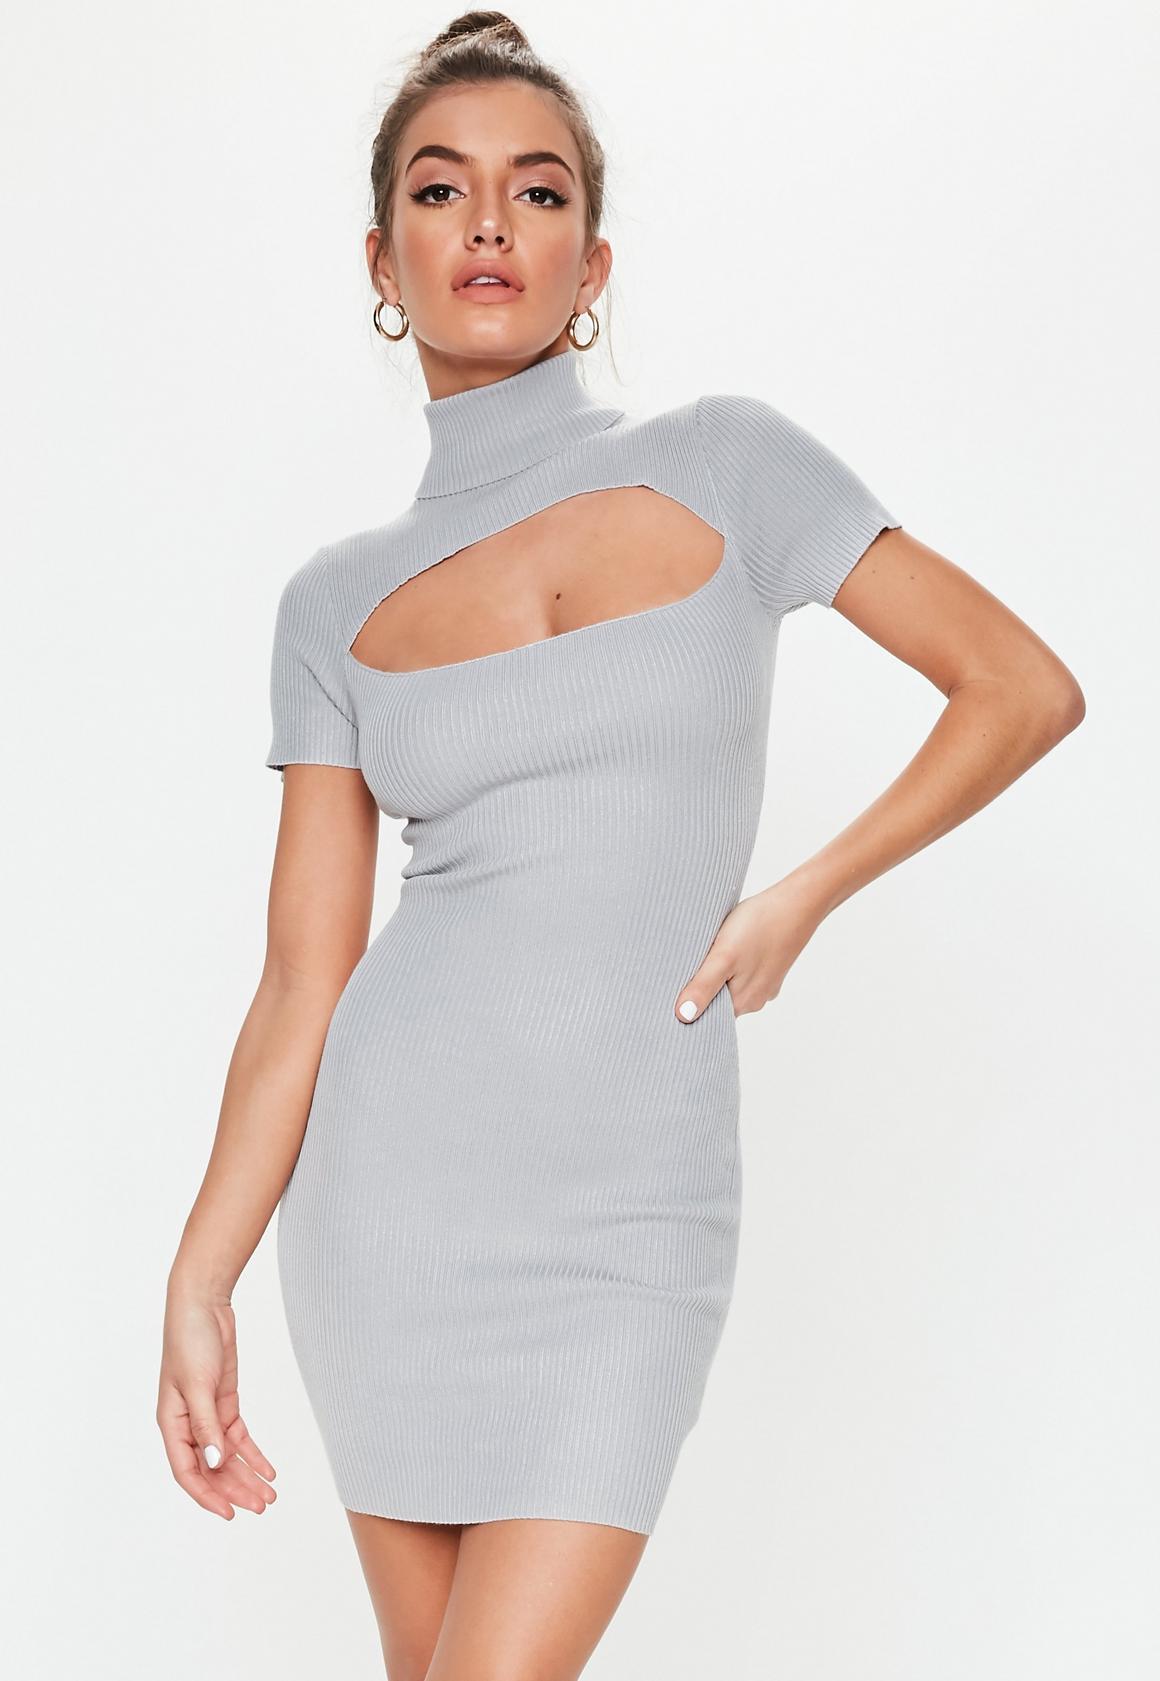 Missguided - robe courte côtelée e découpe dans le dos - 1